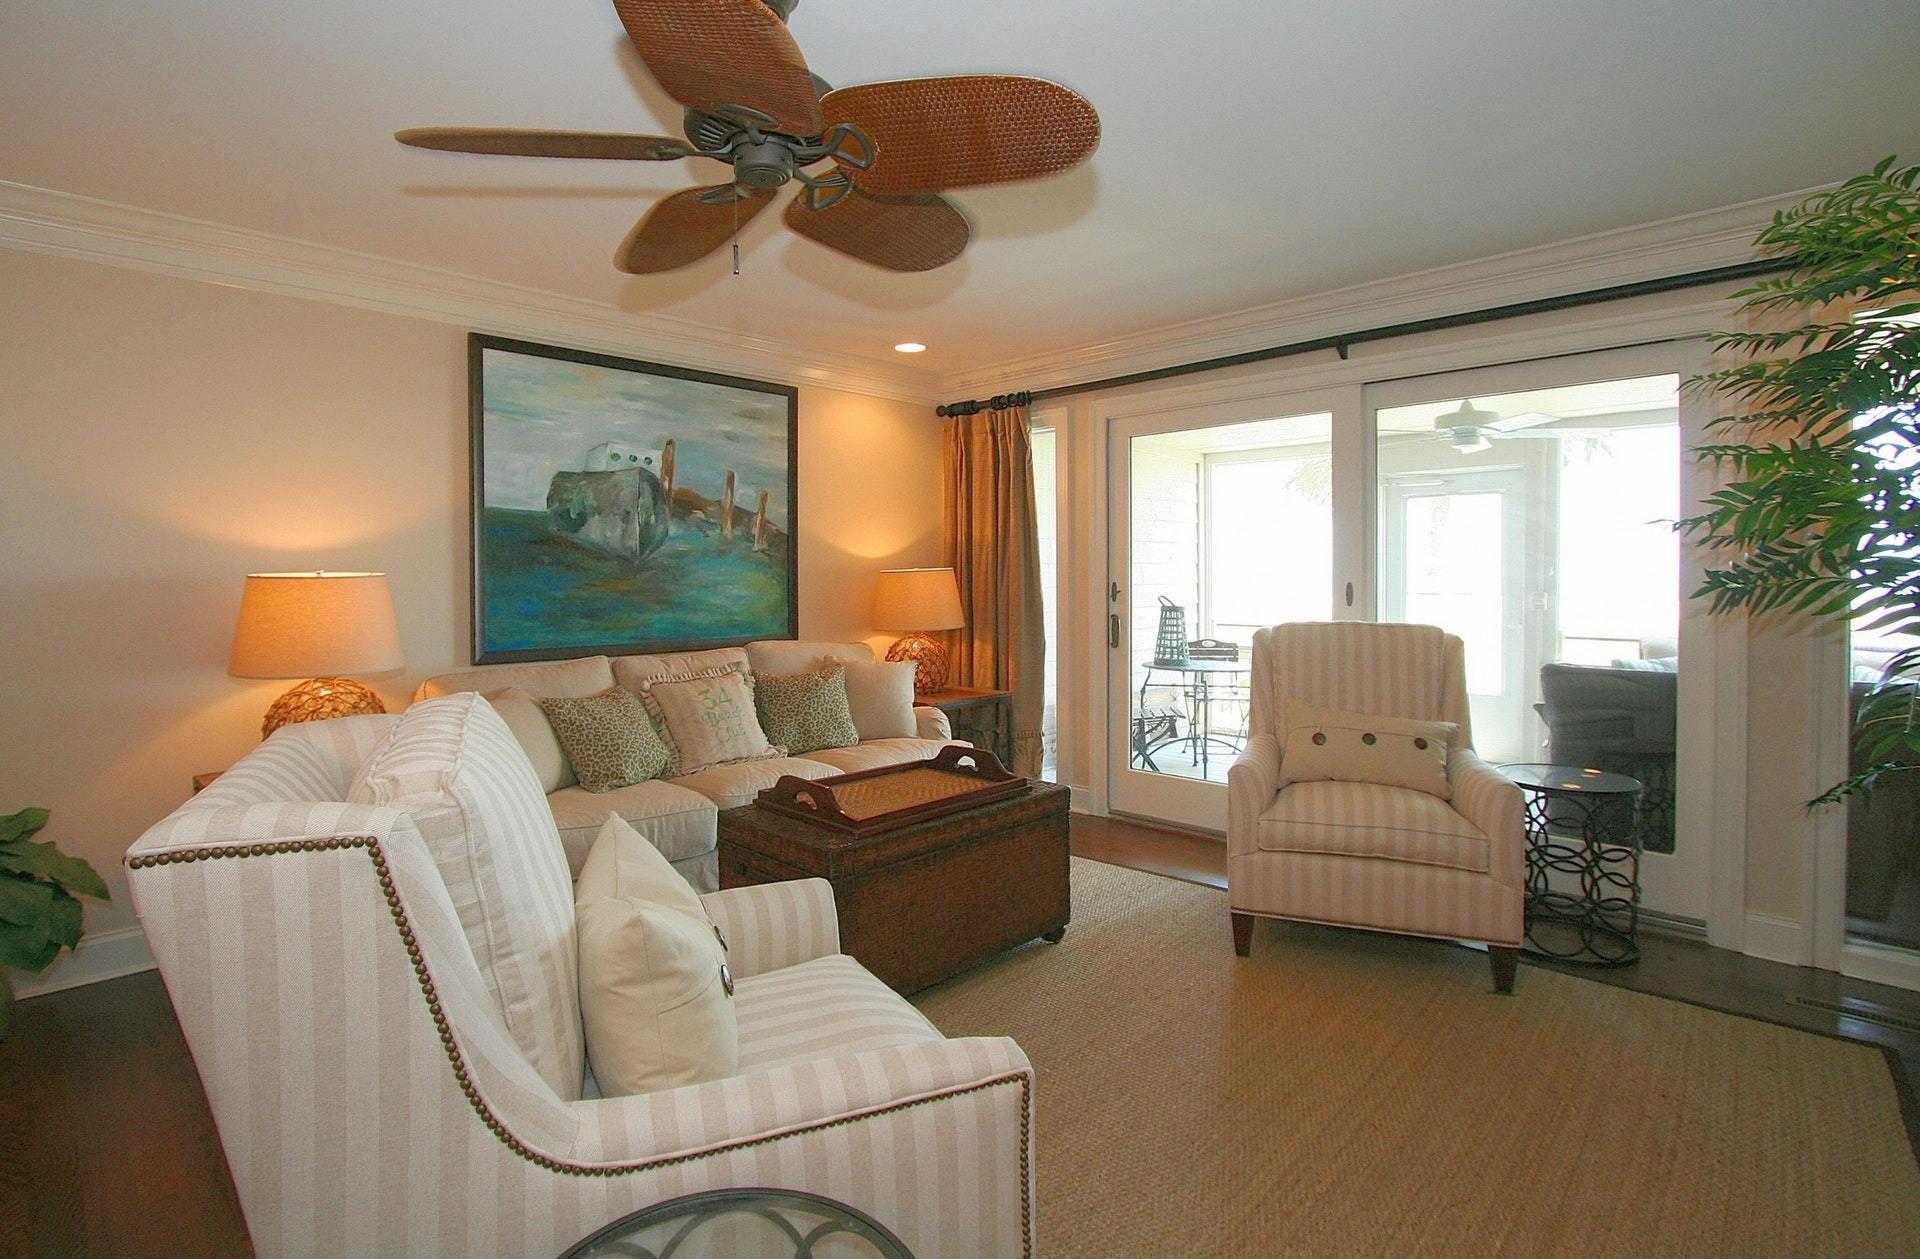 Beach Club Villas Homes For Sale - 34 Beach Club Villas, Isle of Palms, SC - 19